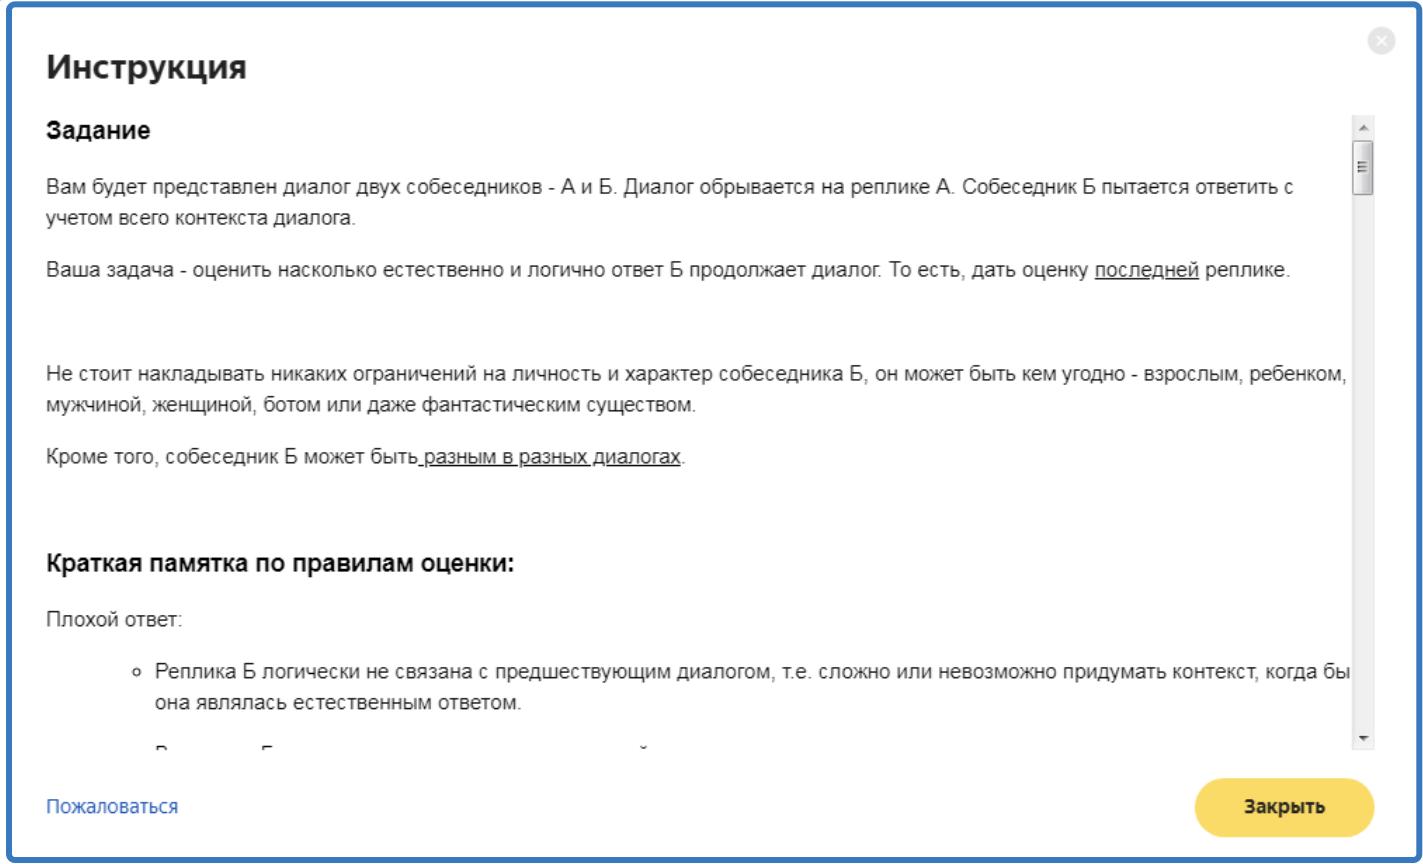 Коммерческие факторы в SEO интернет-магазина и сайта услуг - 18